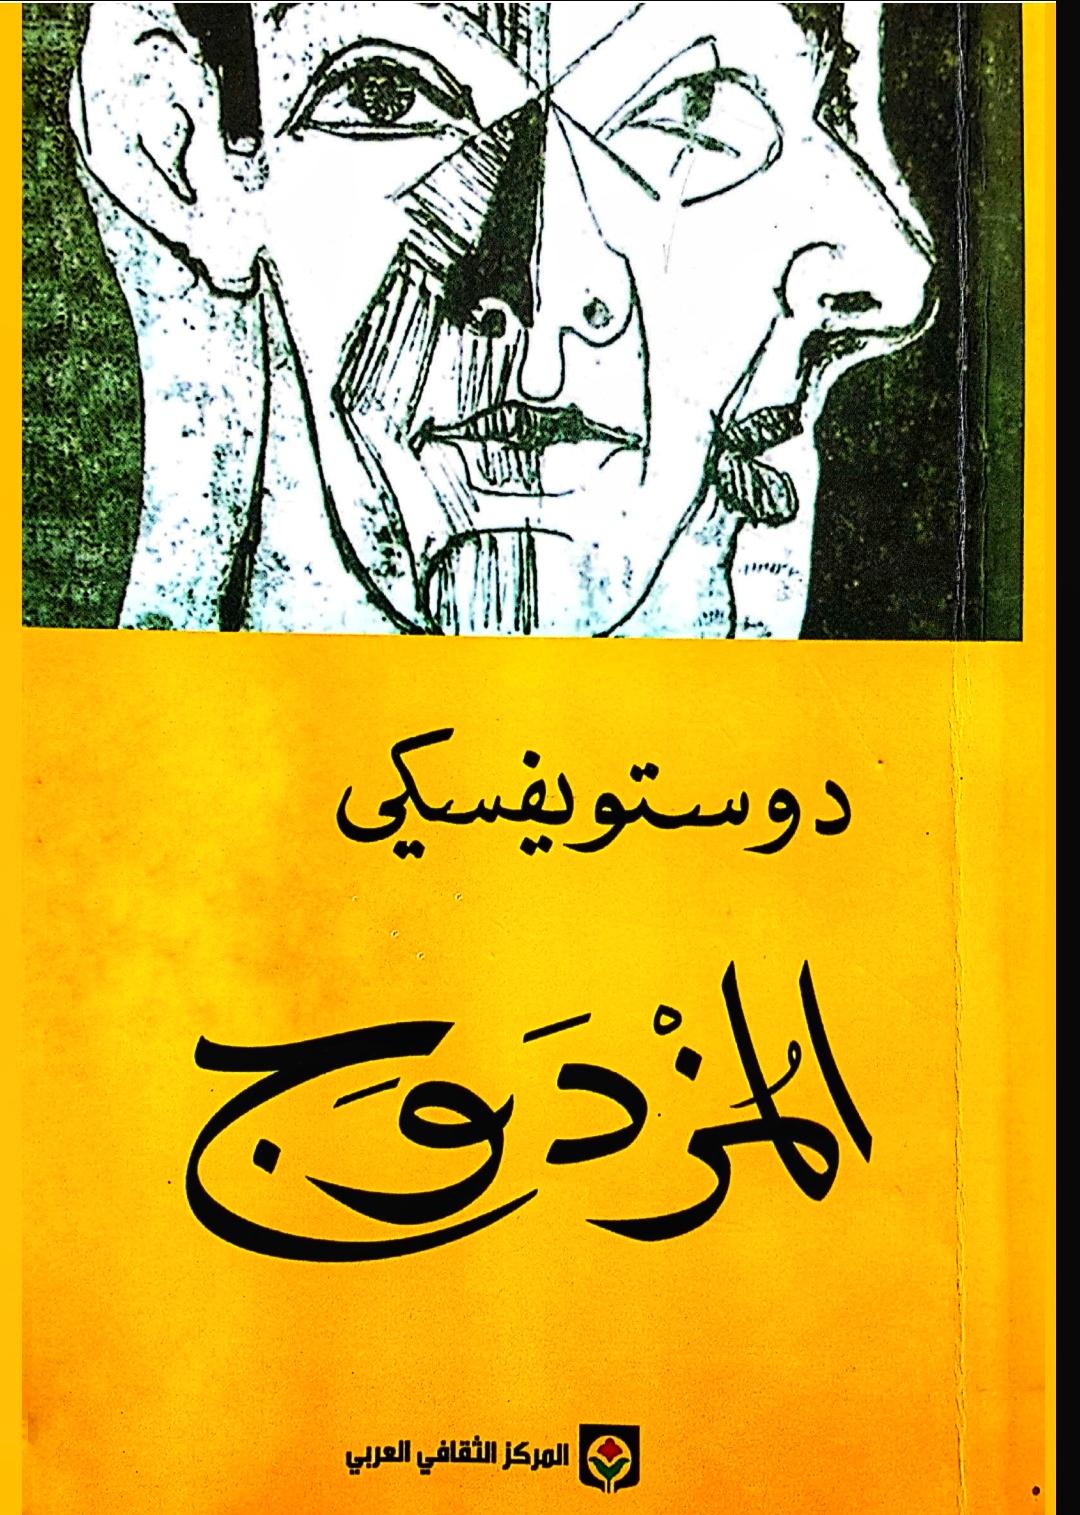 تحميل رواية المزدوج للكتاب دوستويفسكي pdf